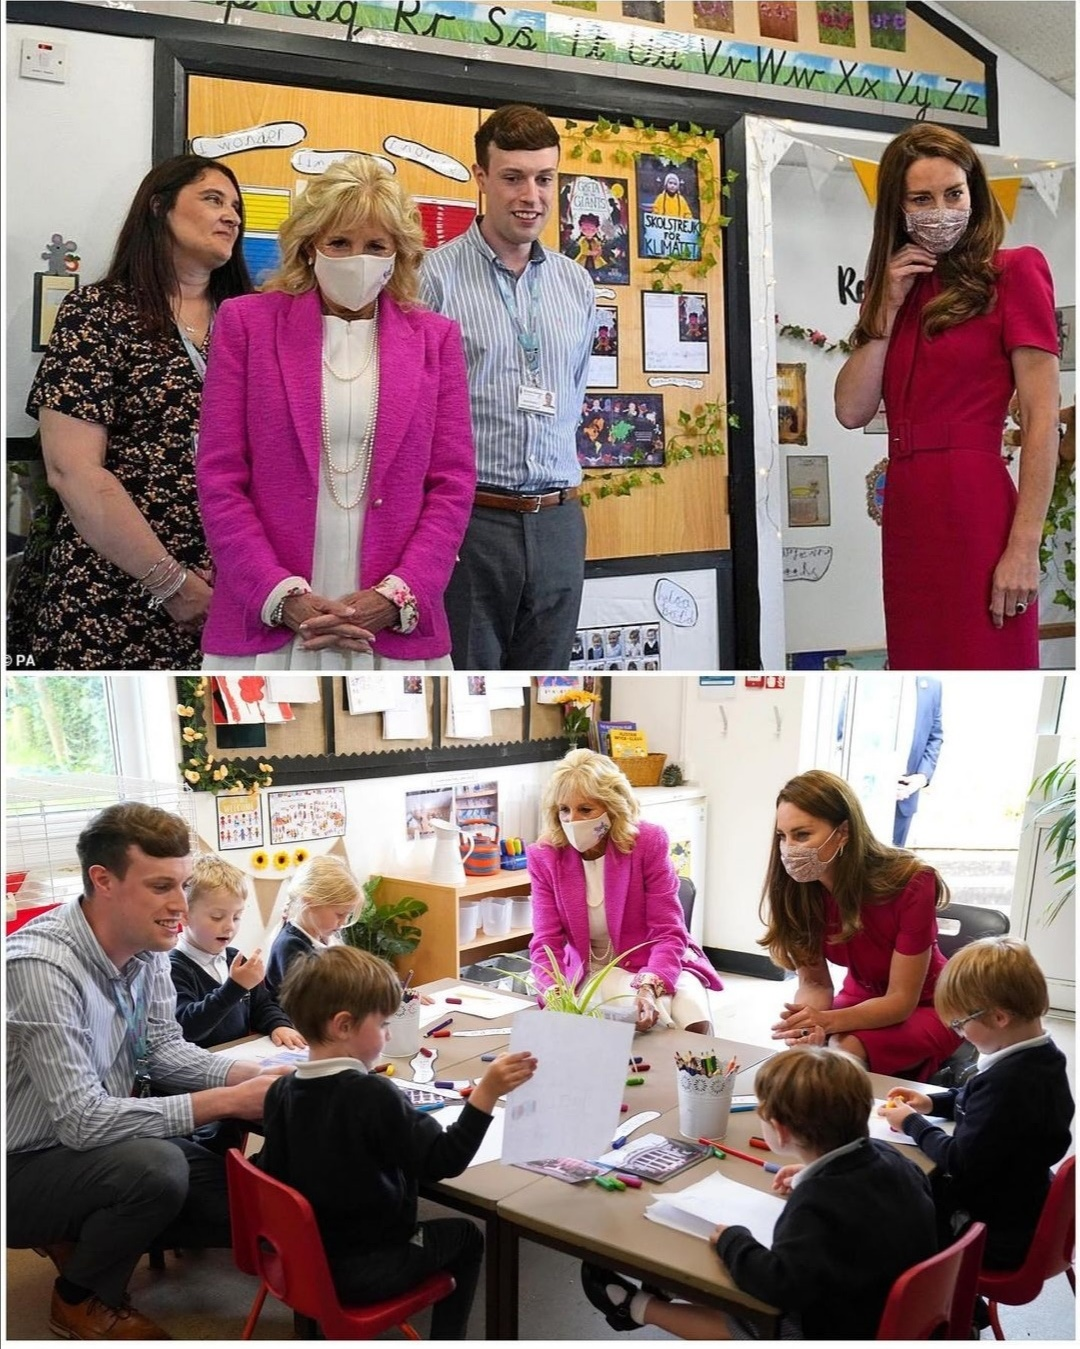 خلال زيارة كيت ميدلتون وجيل بايدن لمدرسة كونور داونز الابتدائية- الصورة من حساب دوق ودوقة كامبريدج على إنستغرام